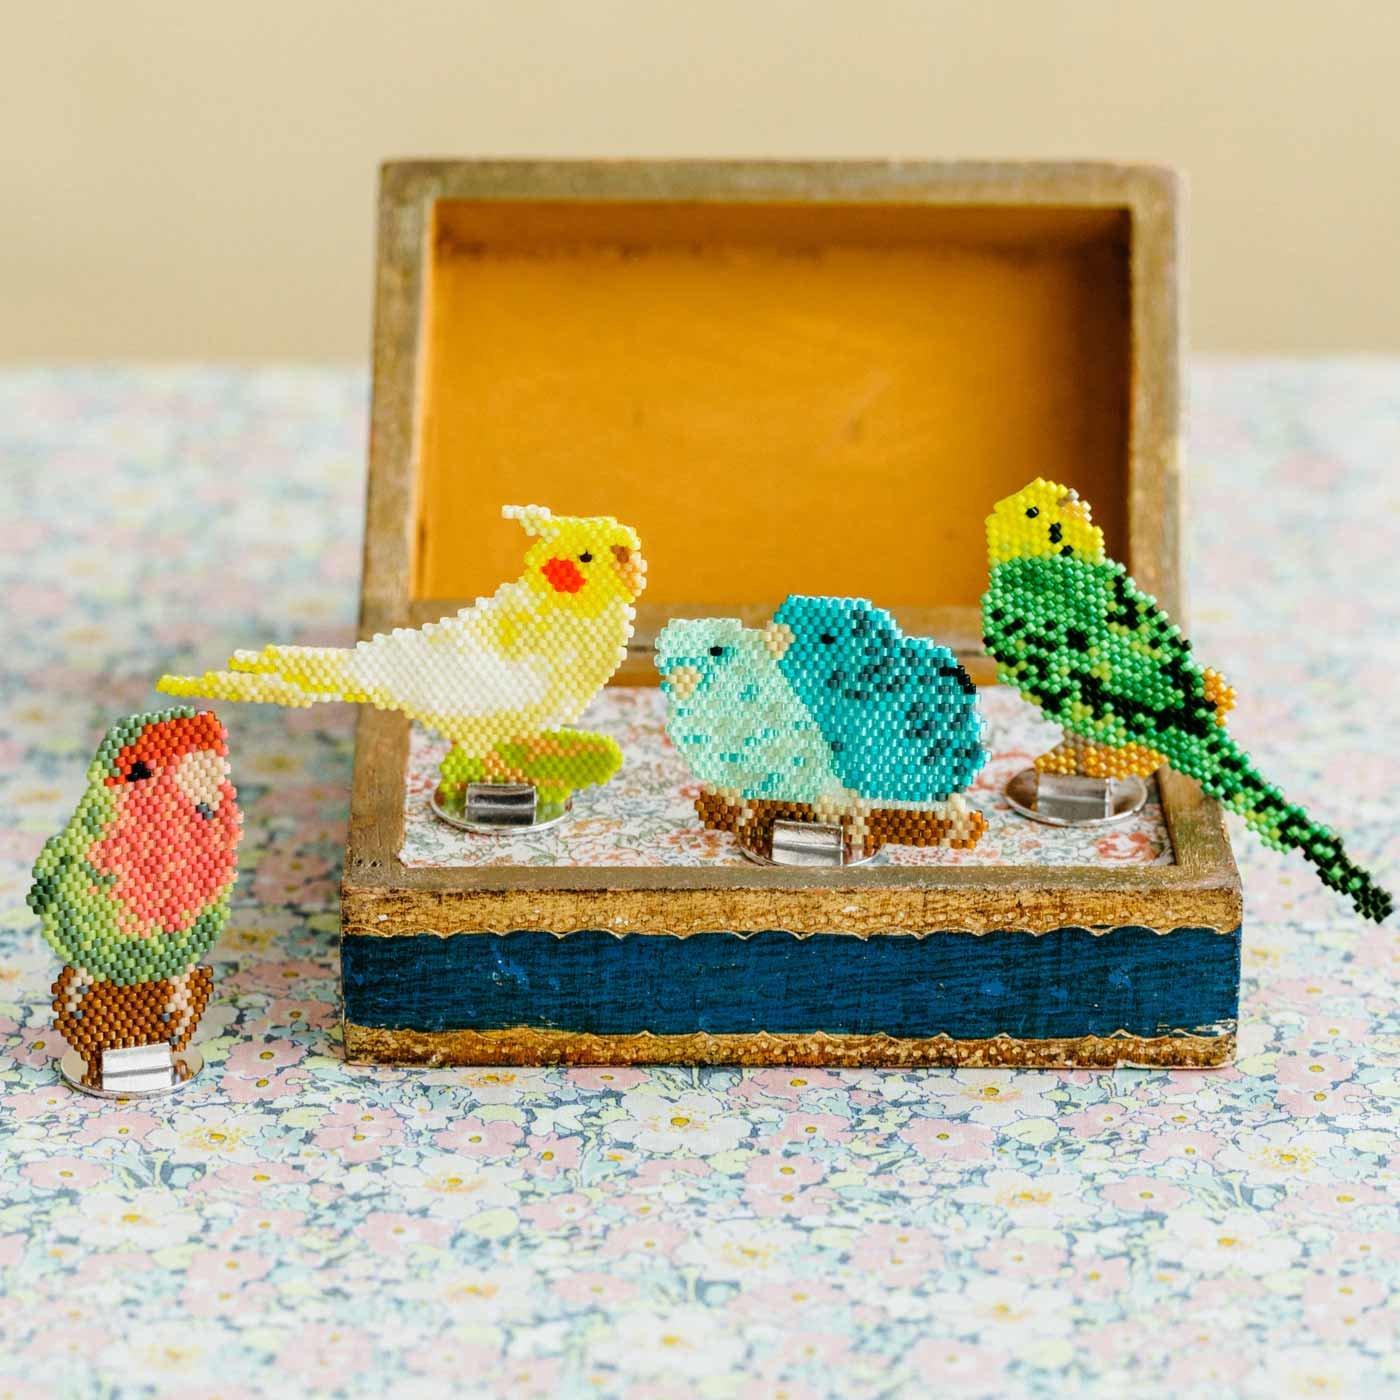 クチュリエ×小鳥部 たたずまいに癒やされる ビーズステッチの小鳥の会